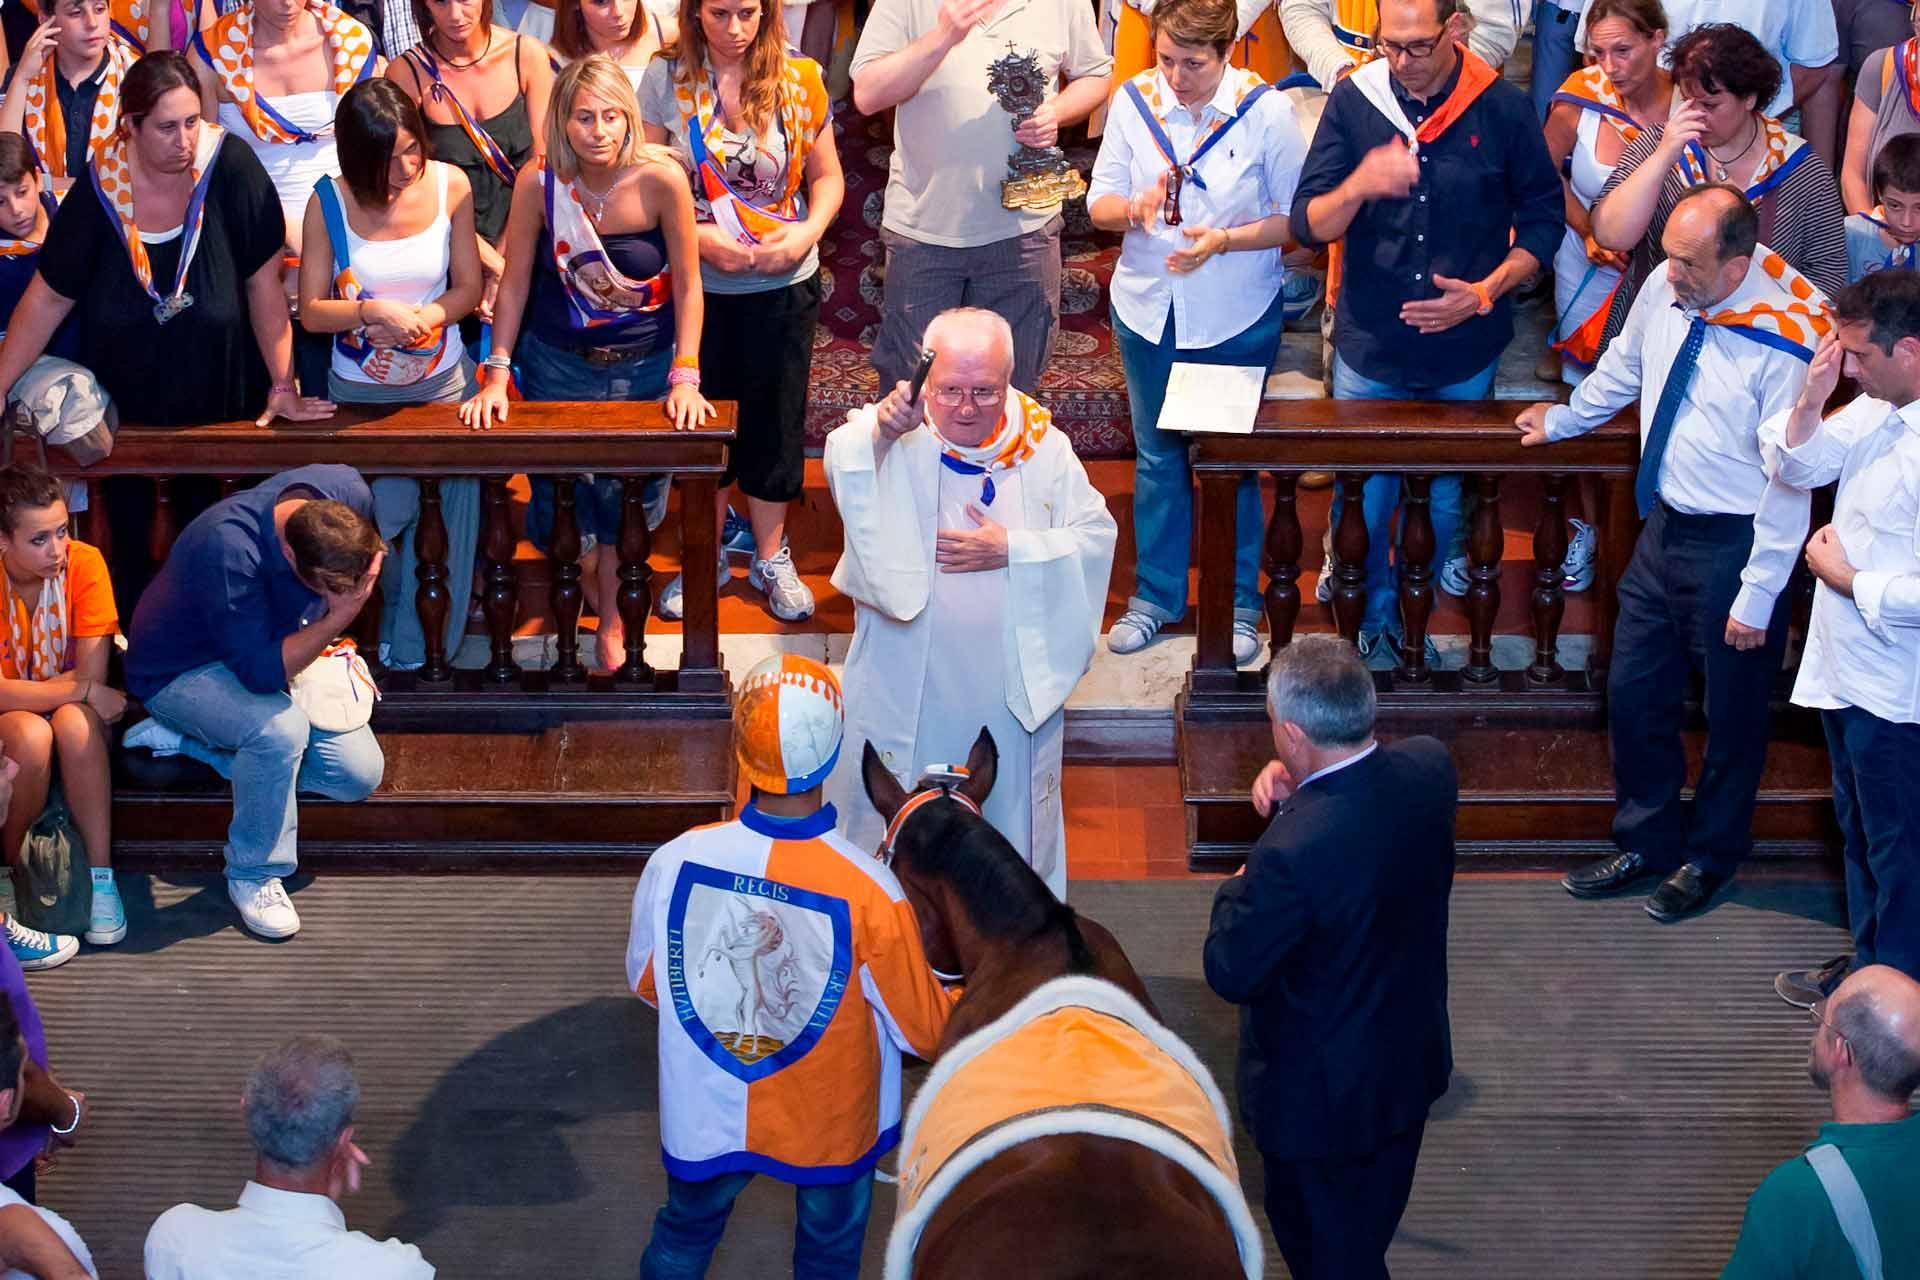 LA BENEDIZIONE DEL BARBERO – Li riceveranno dalle mani del sacerdote, la benedizione del Santo Patrono, affinché entrambi vengano preservati dai pericoli e dalle insidie della corsa.